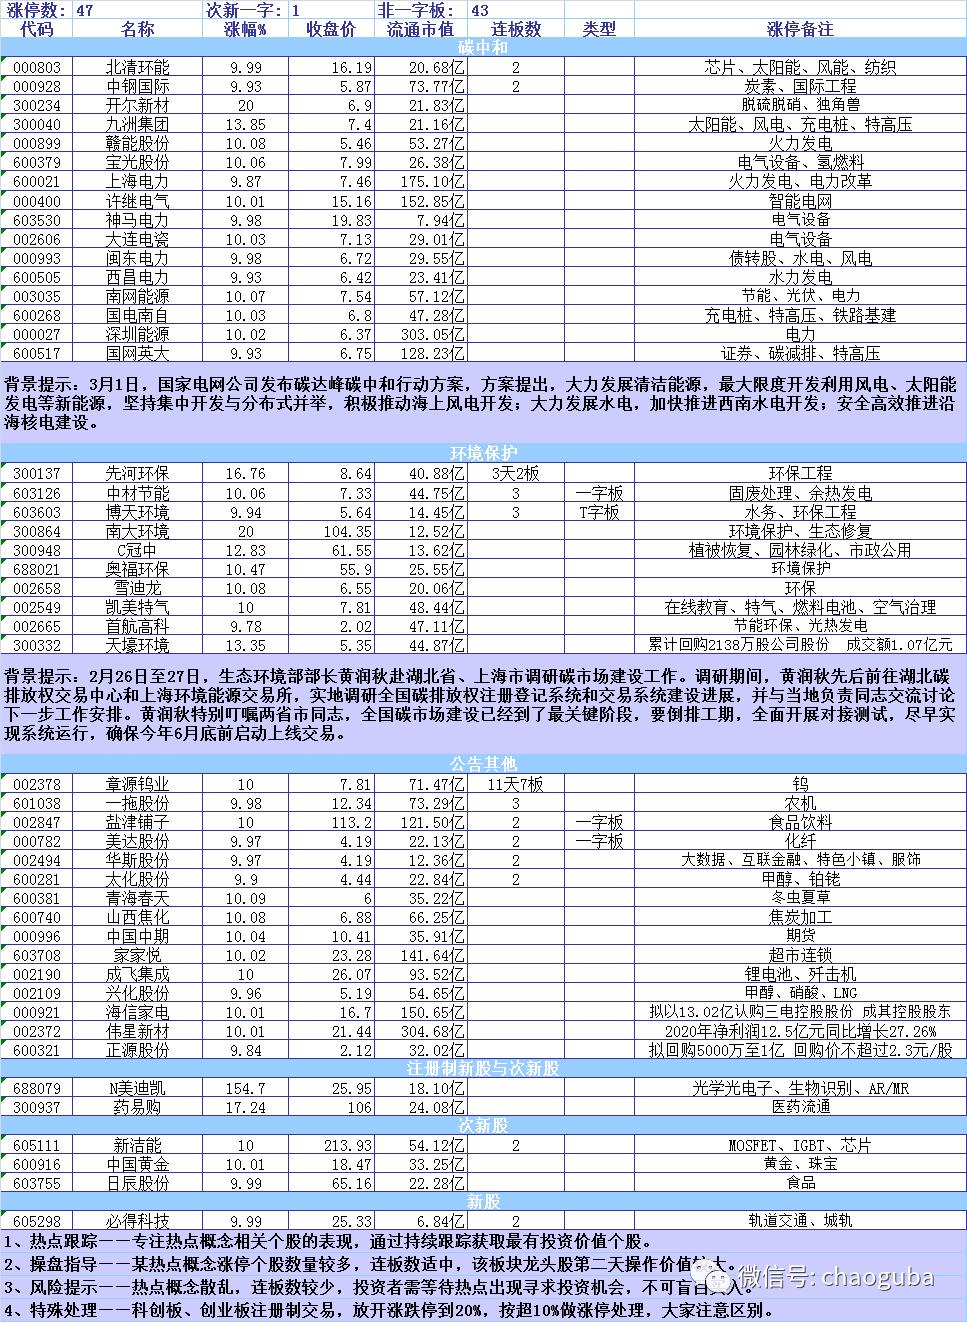 3月2日行情热点分析: 国网发布碳中和战略   环保电力应声而起插图2